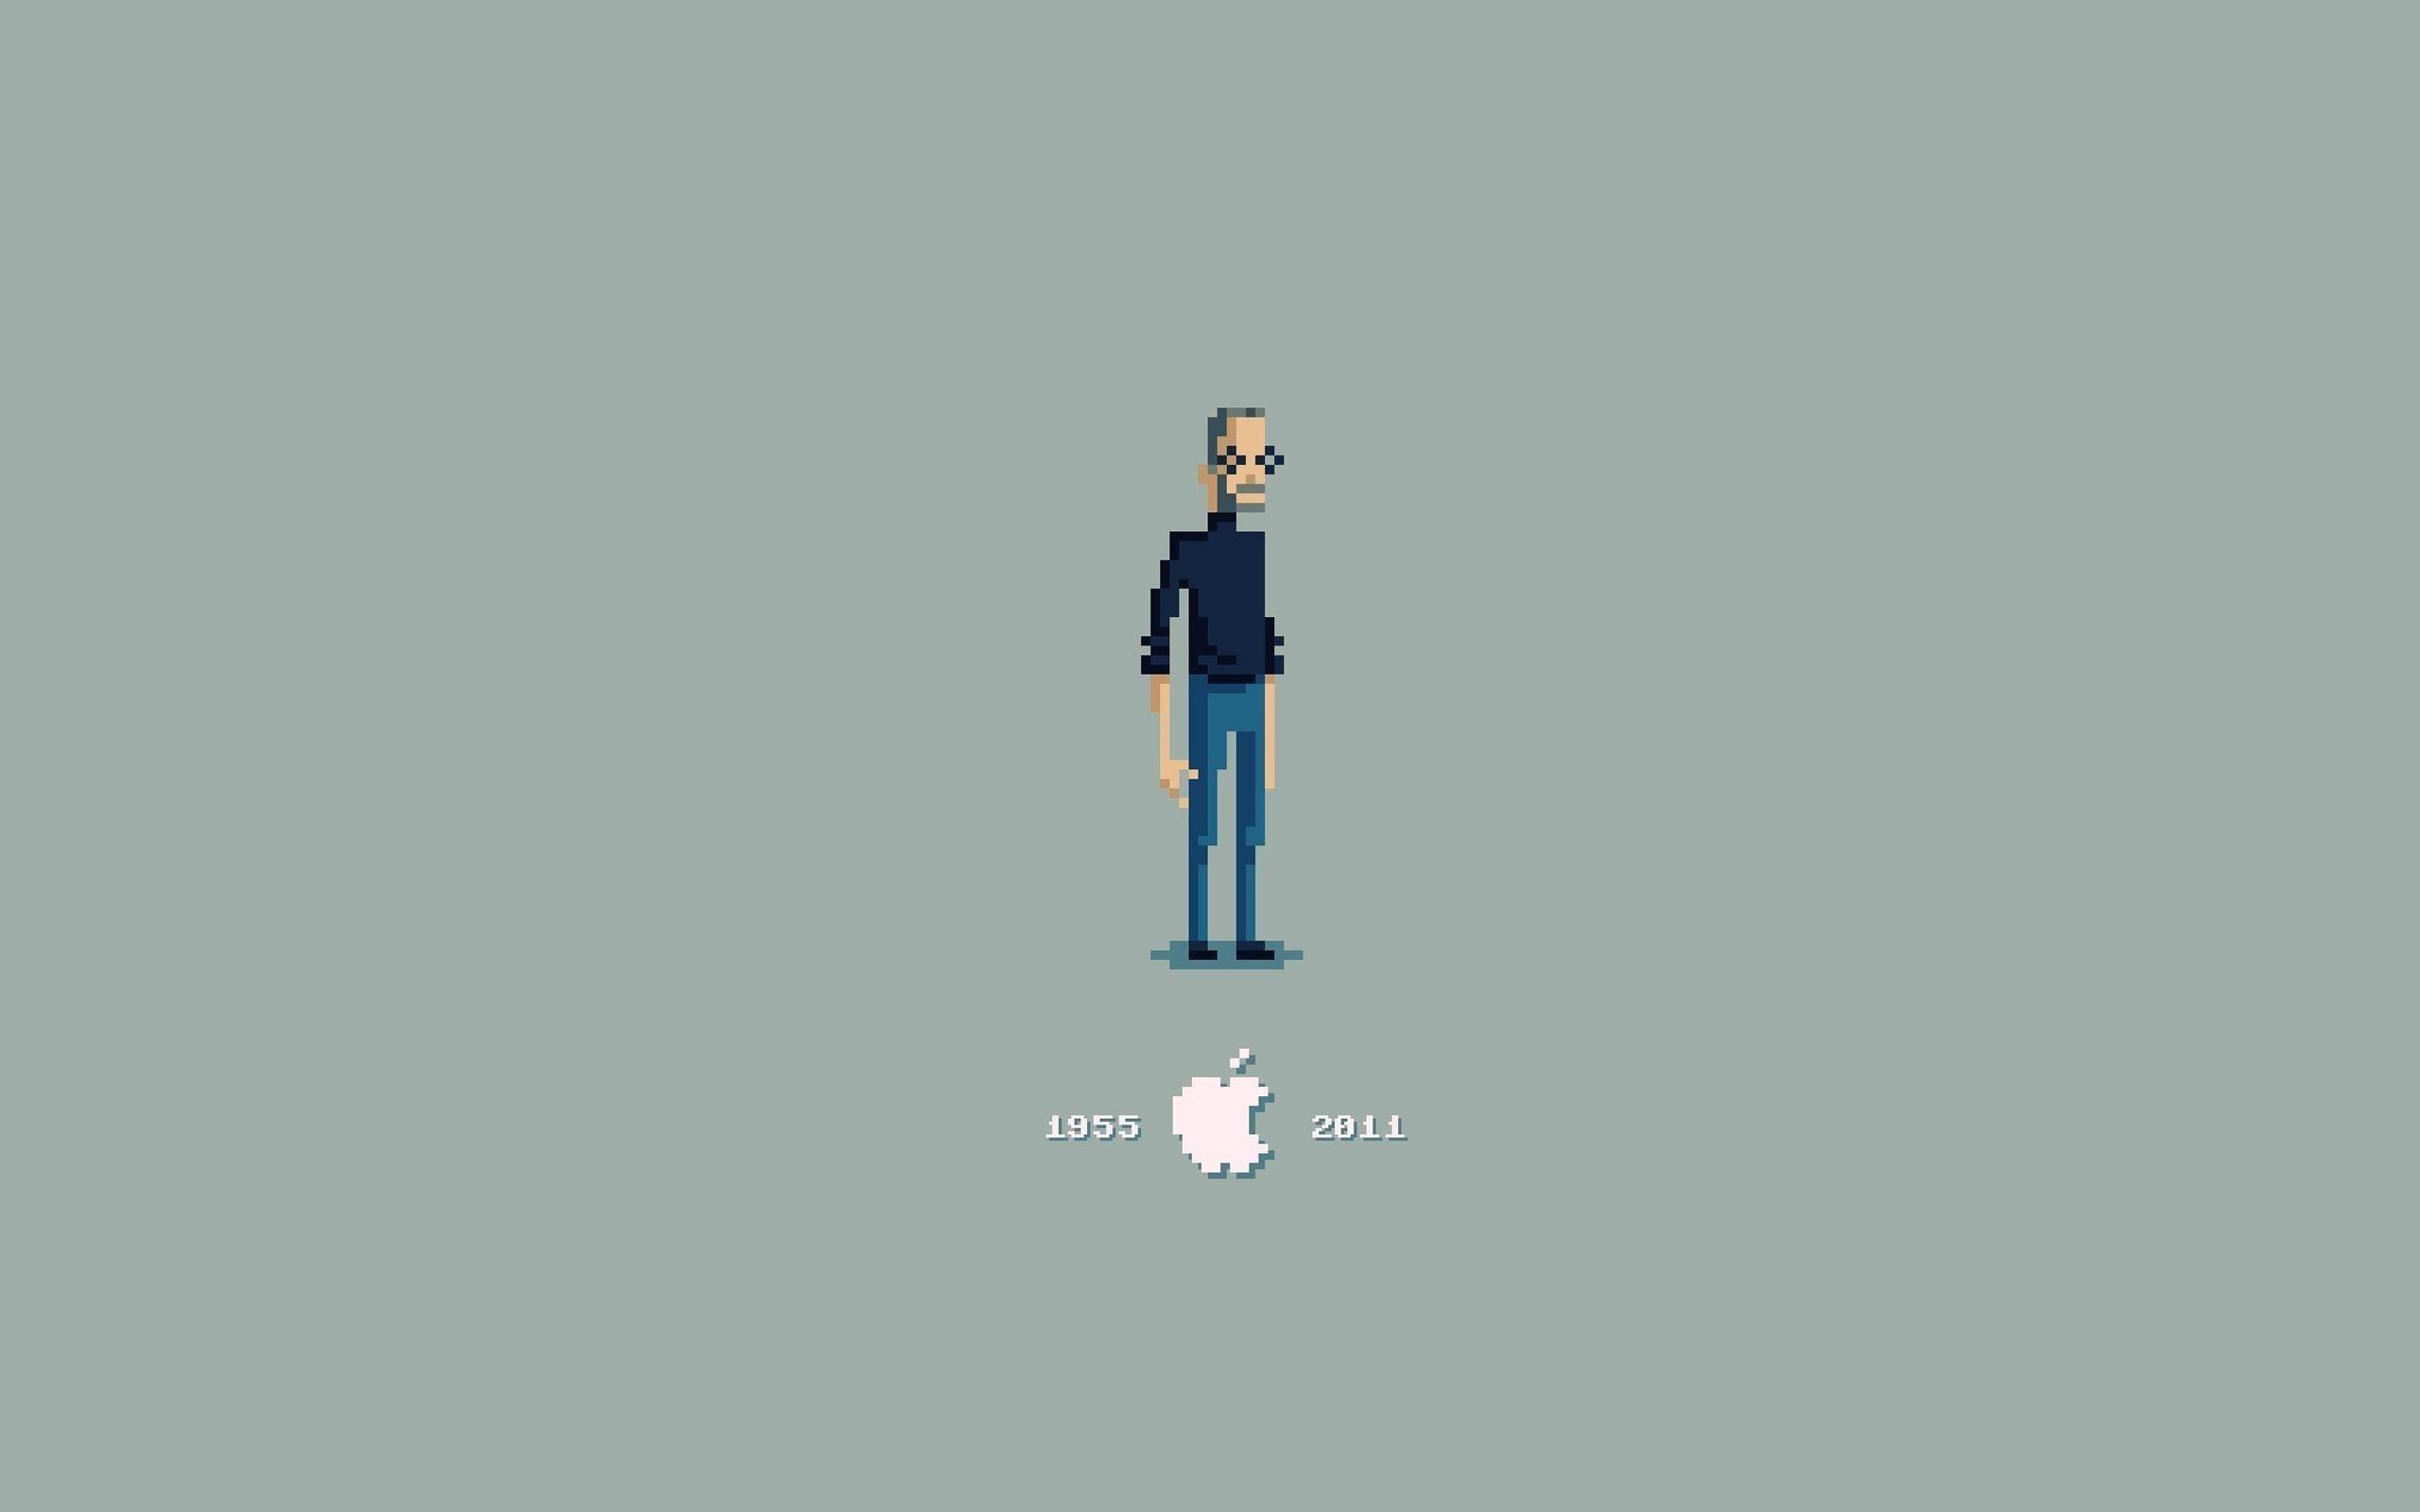 Wallpaper 2560x1600 Px 8 Apple Inc Bit Minimalism